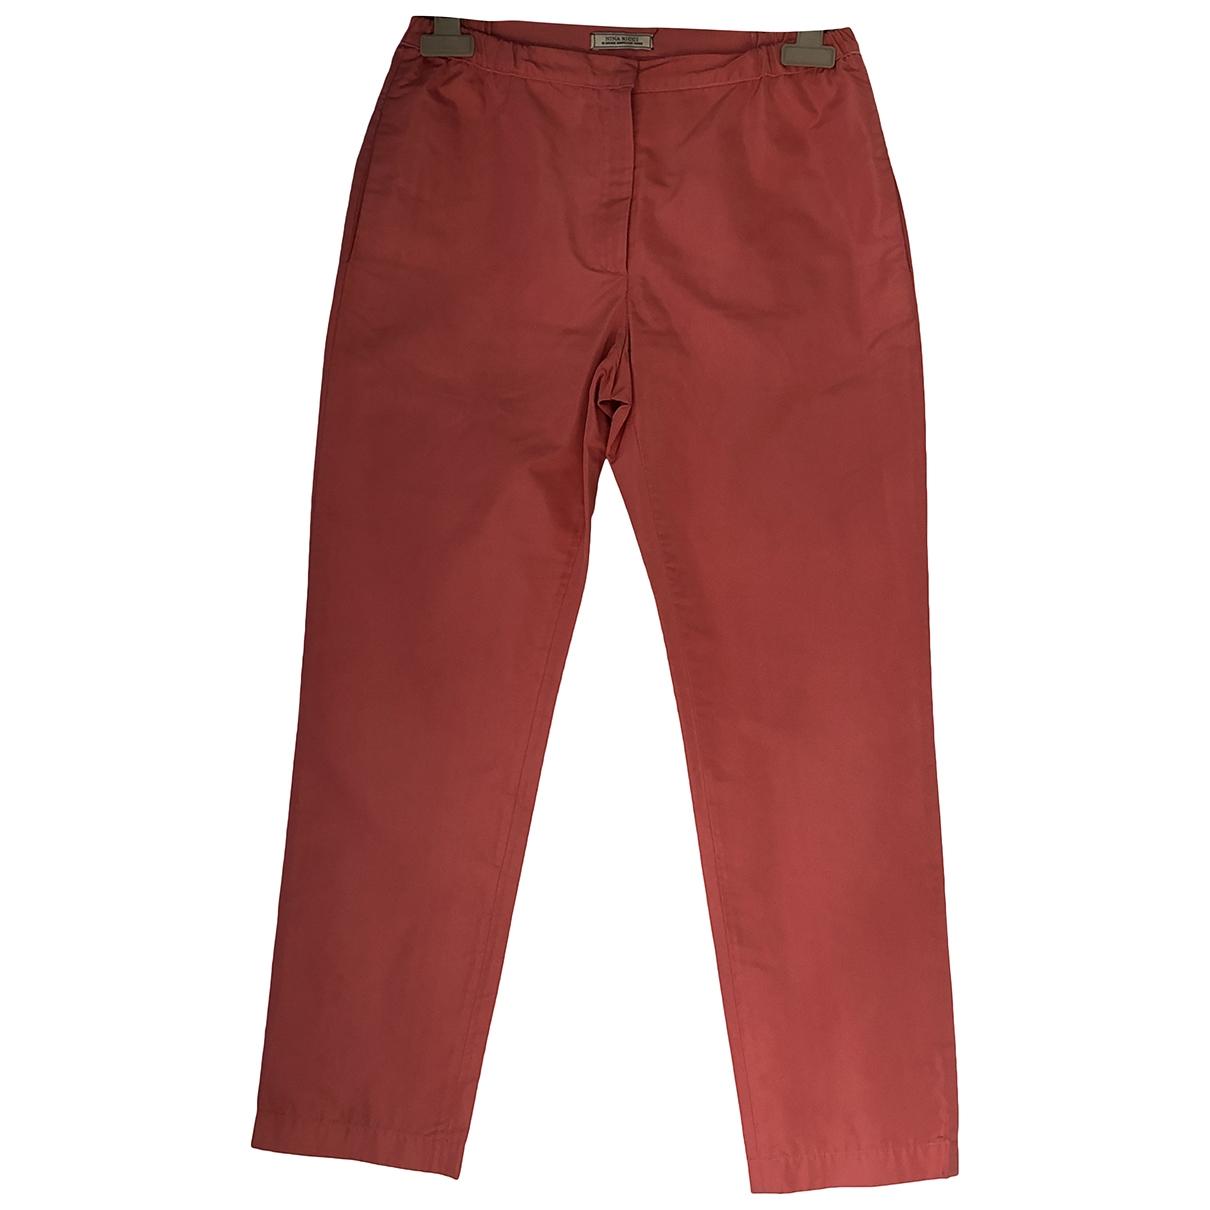 Pantalon recto de Seda Nina Ricci